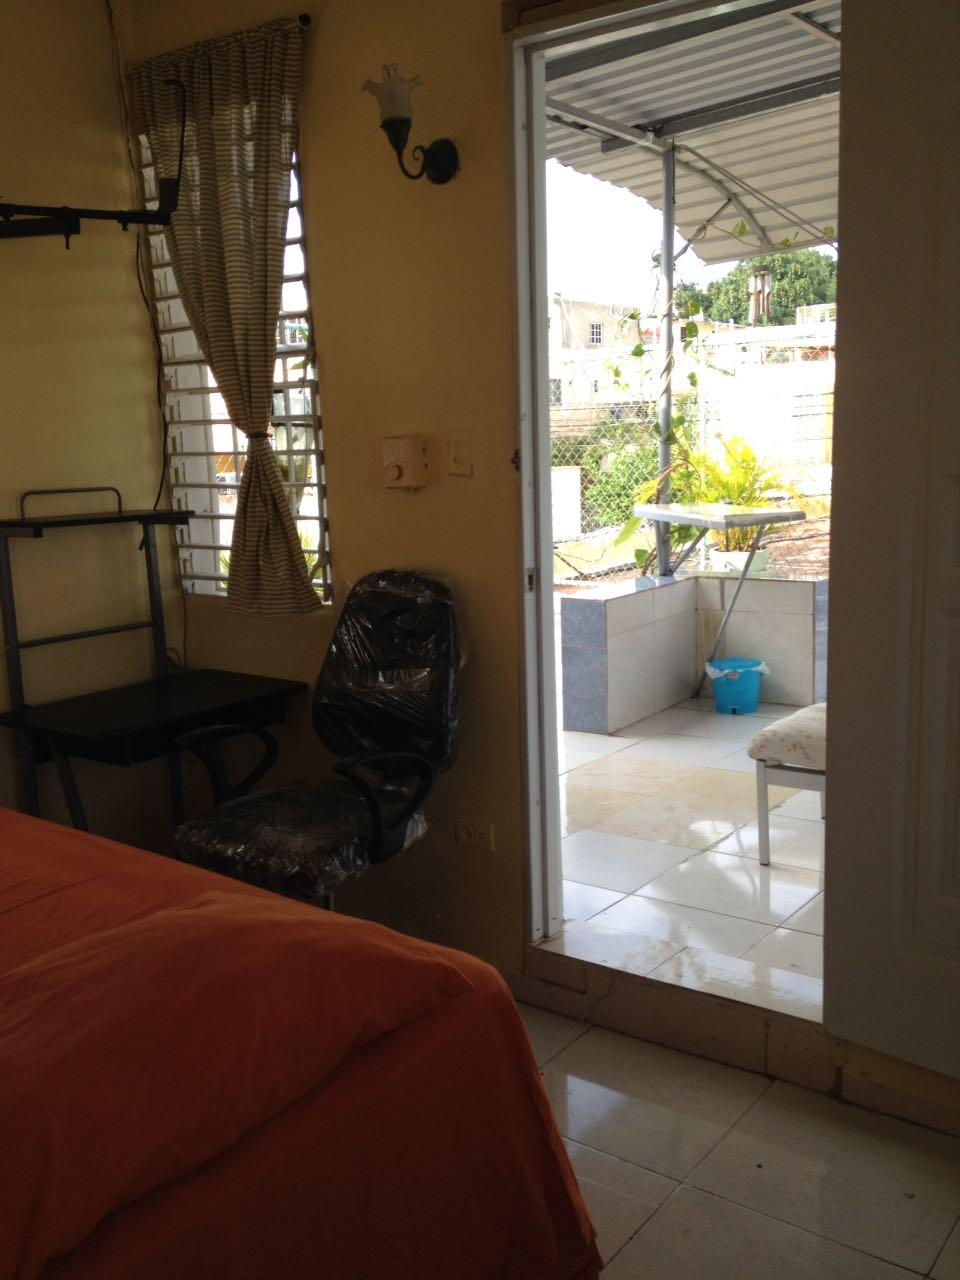 Plaza libre apartamento en alquiler en zona universitaria for Habitaciones zona universitaria